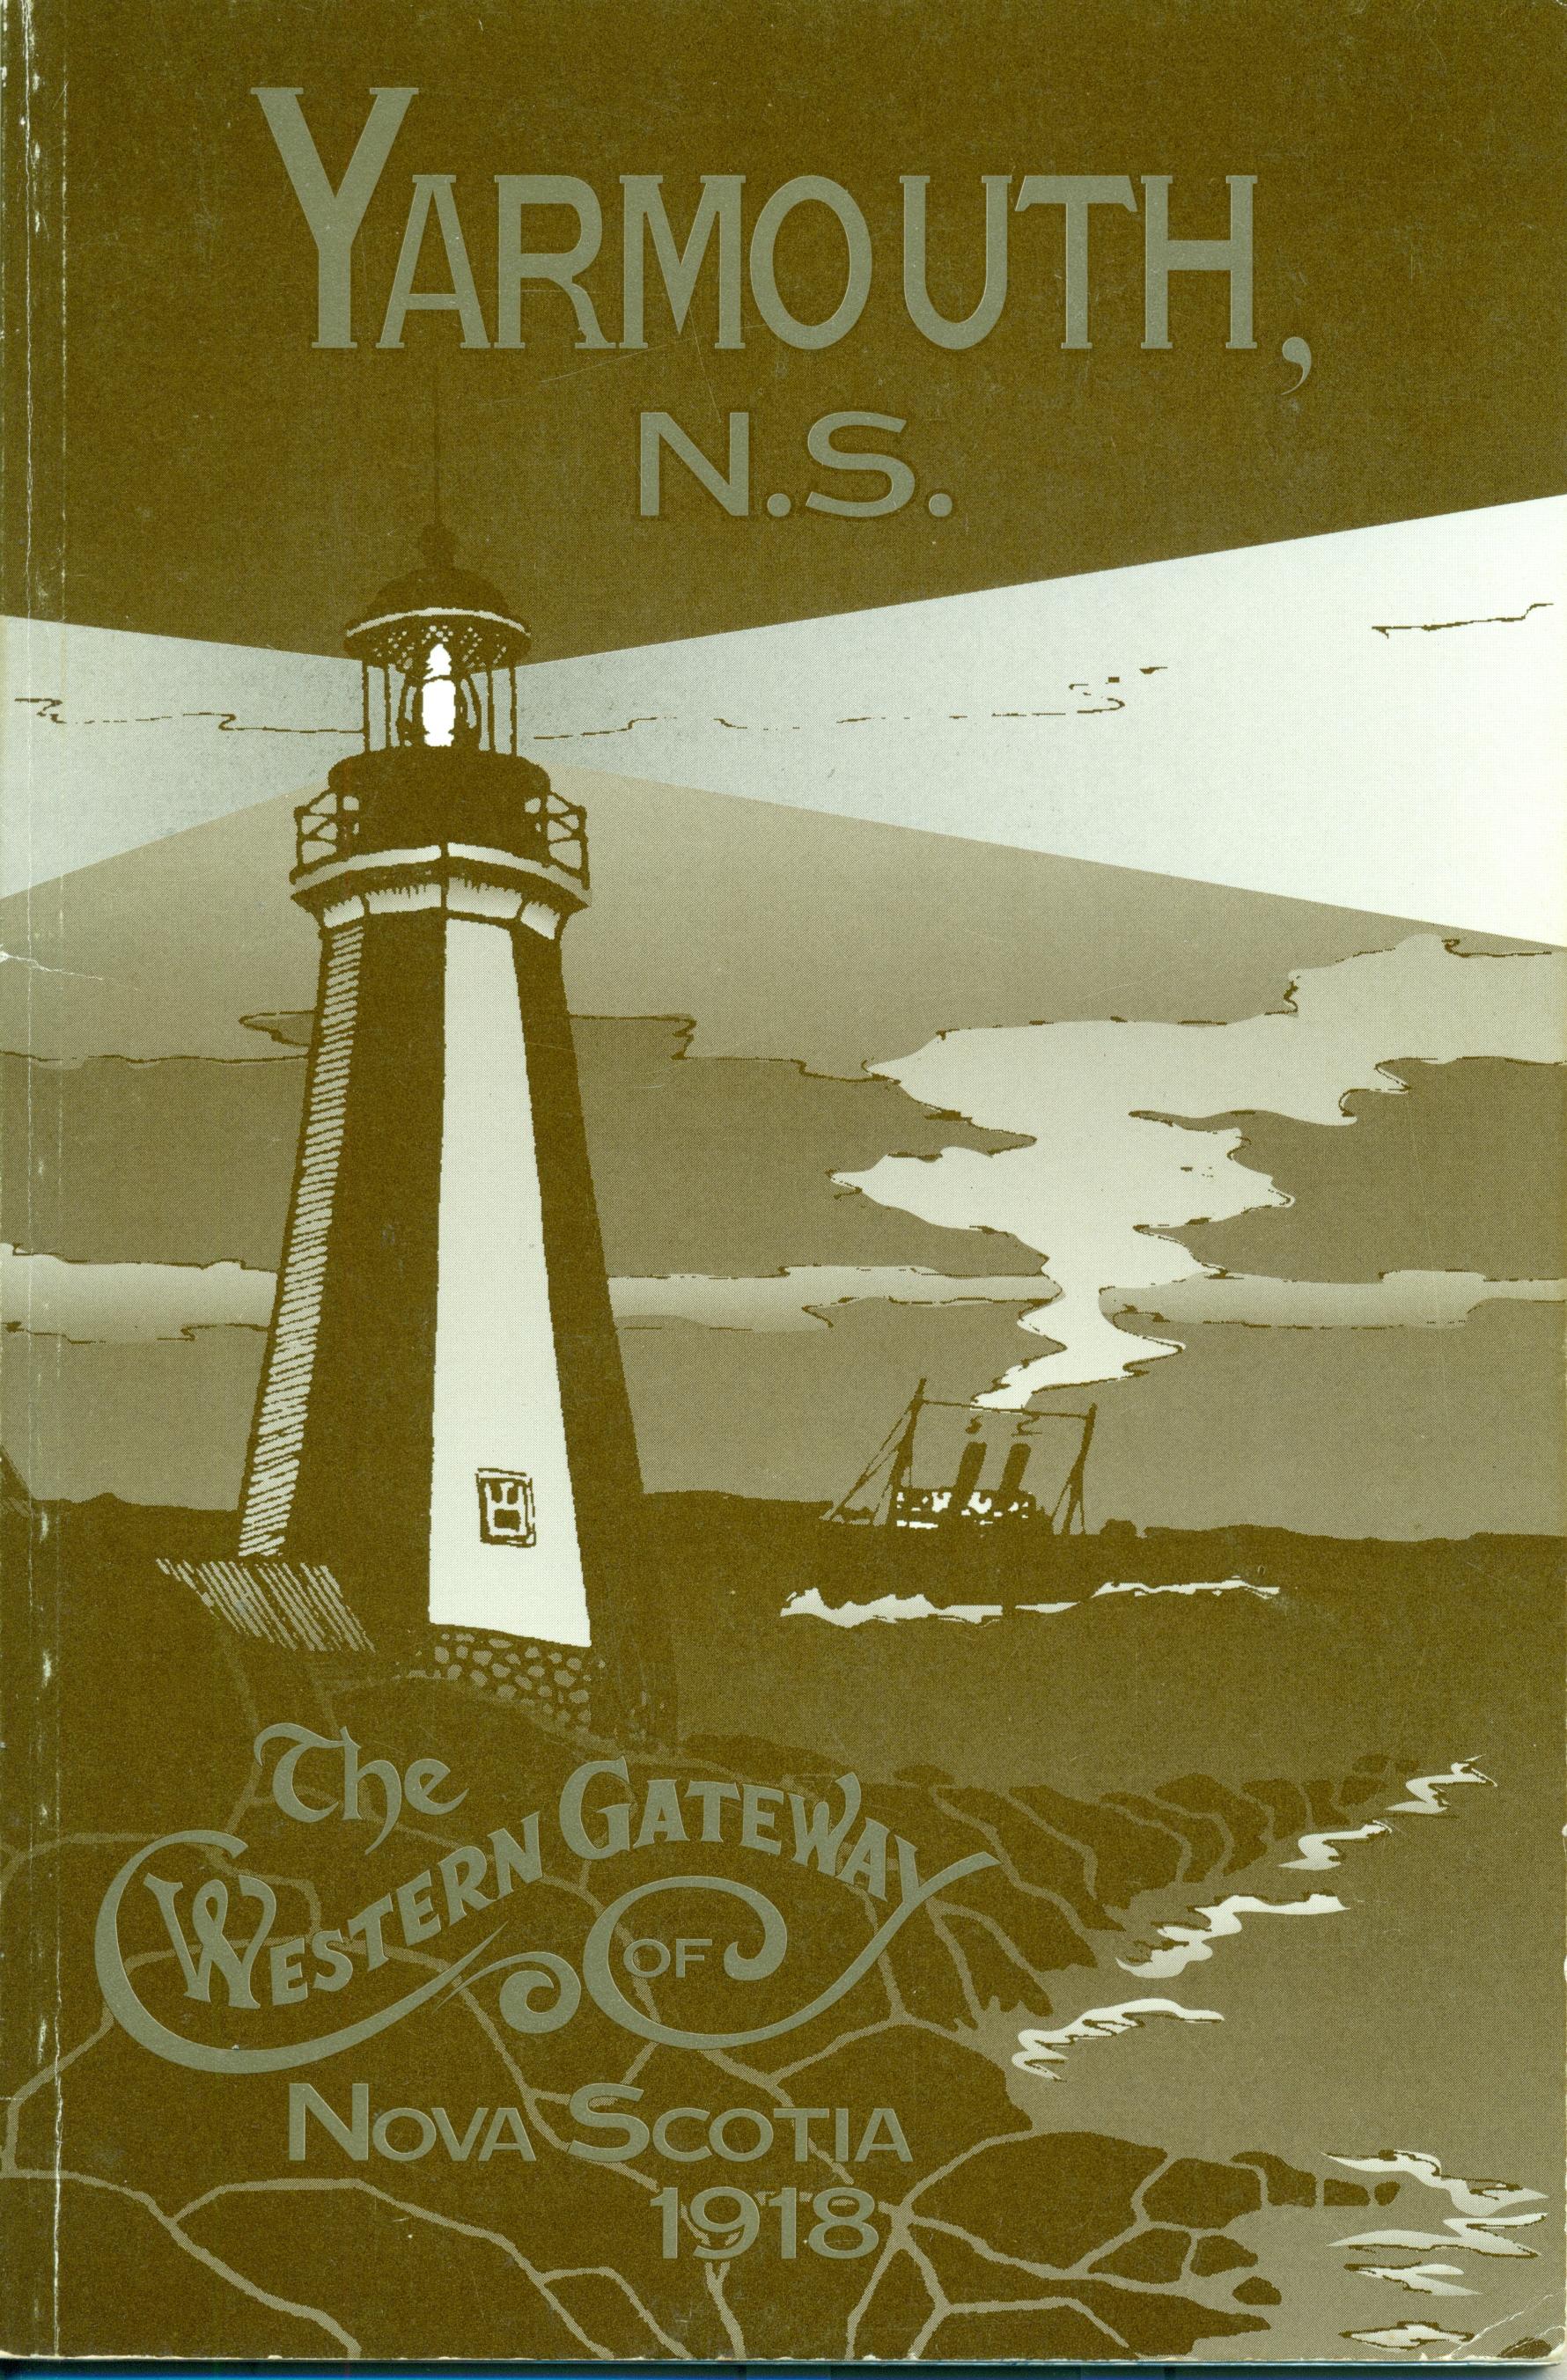 Yarmouth, NS: Western Gateway